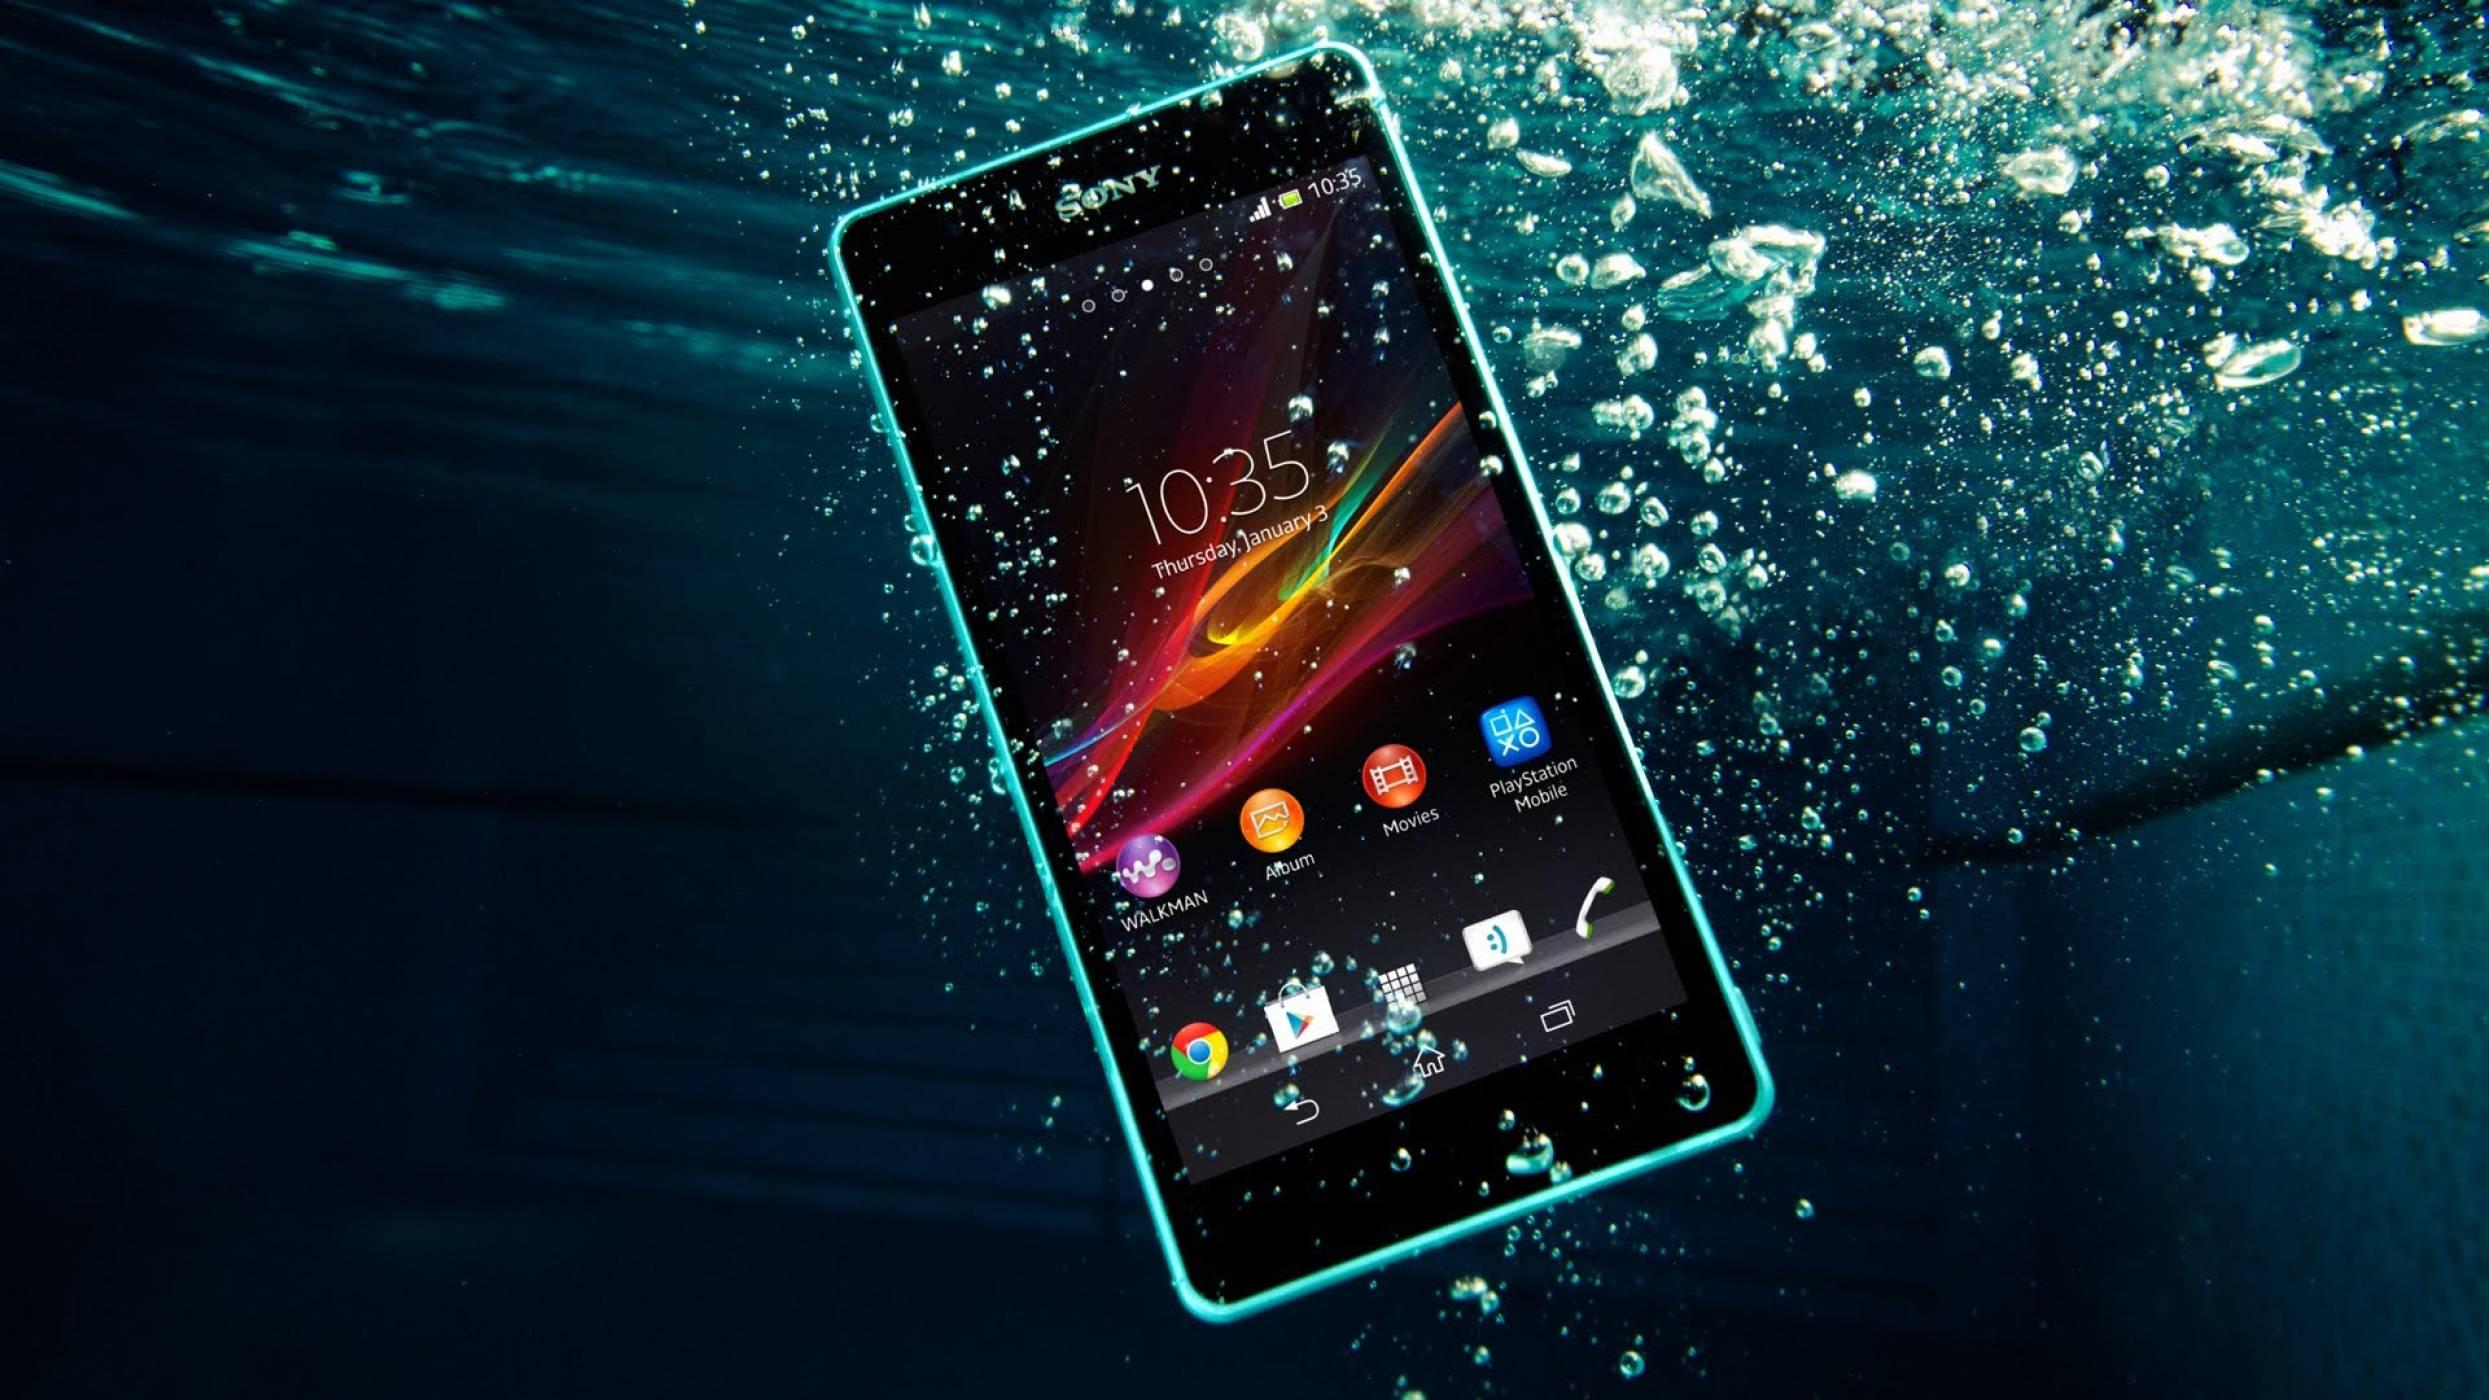 Wodoszczelny smartfon - co to oznacza? I jakie modele warto kupić? (poradnik) 22